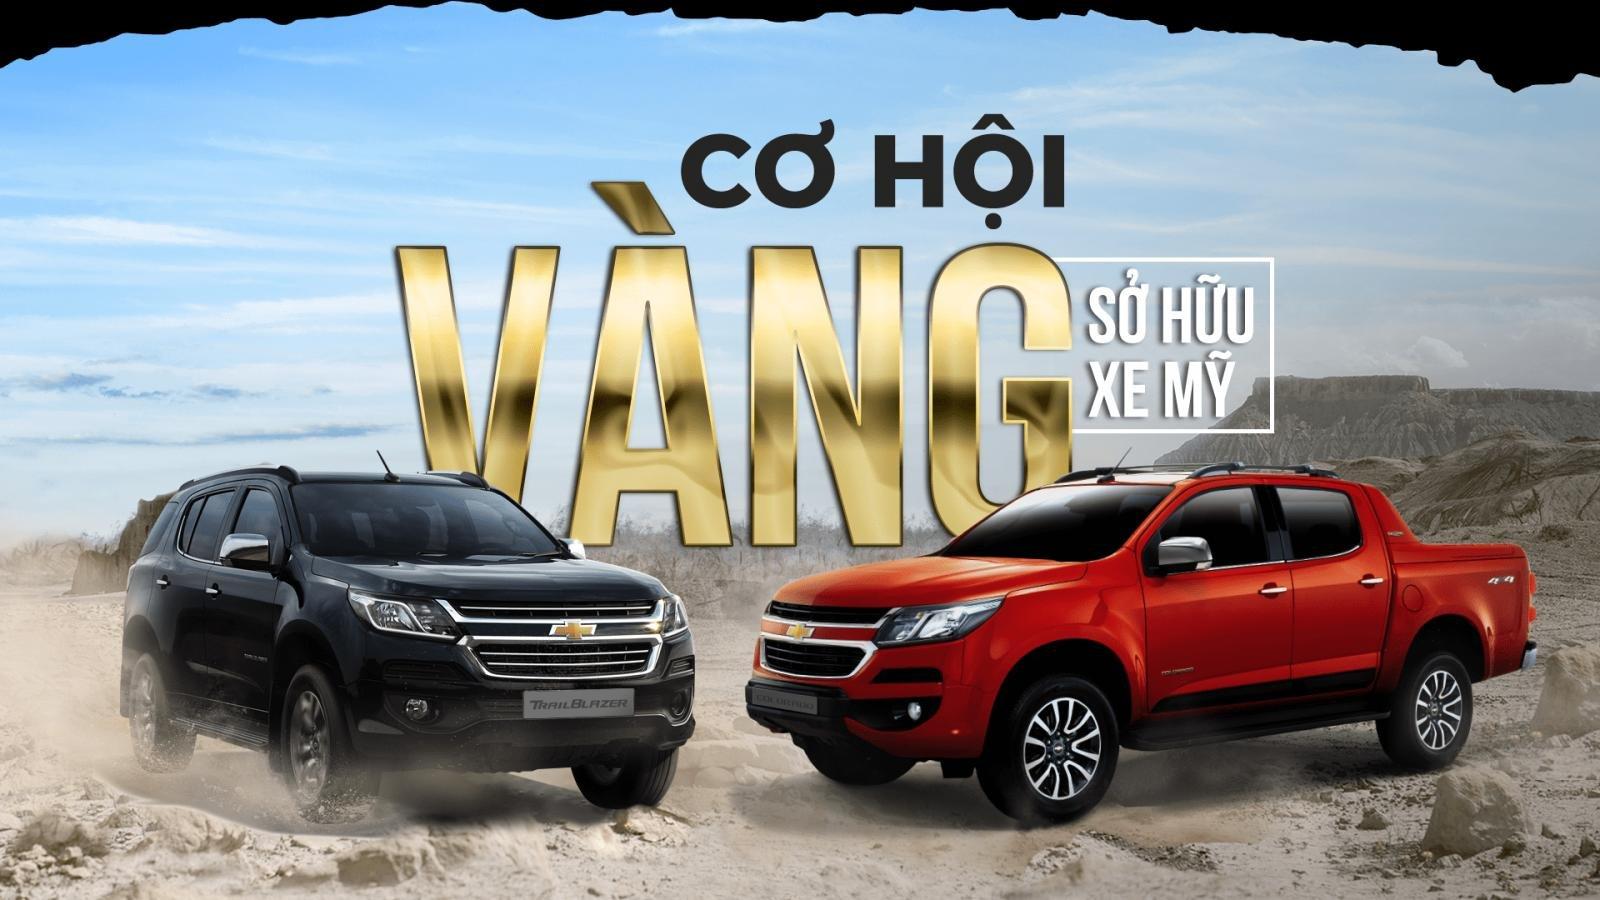 Mua xe Chevrolet trong tháng 10 nhận ưu đãi trị giá lên tới 150 triệu đồng.